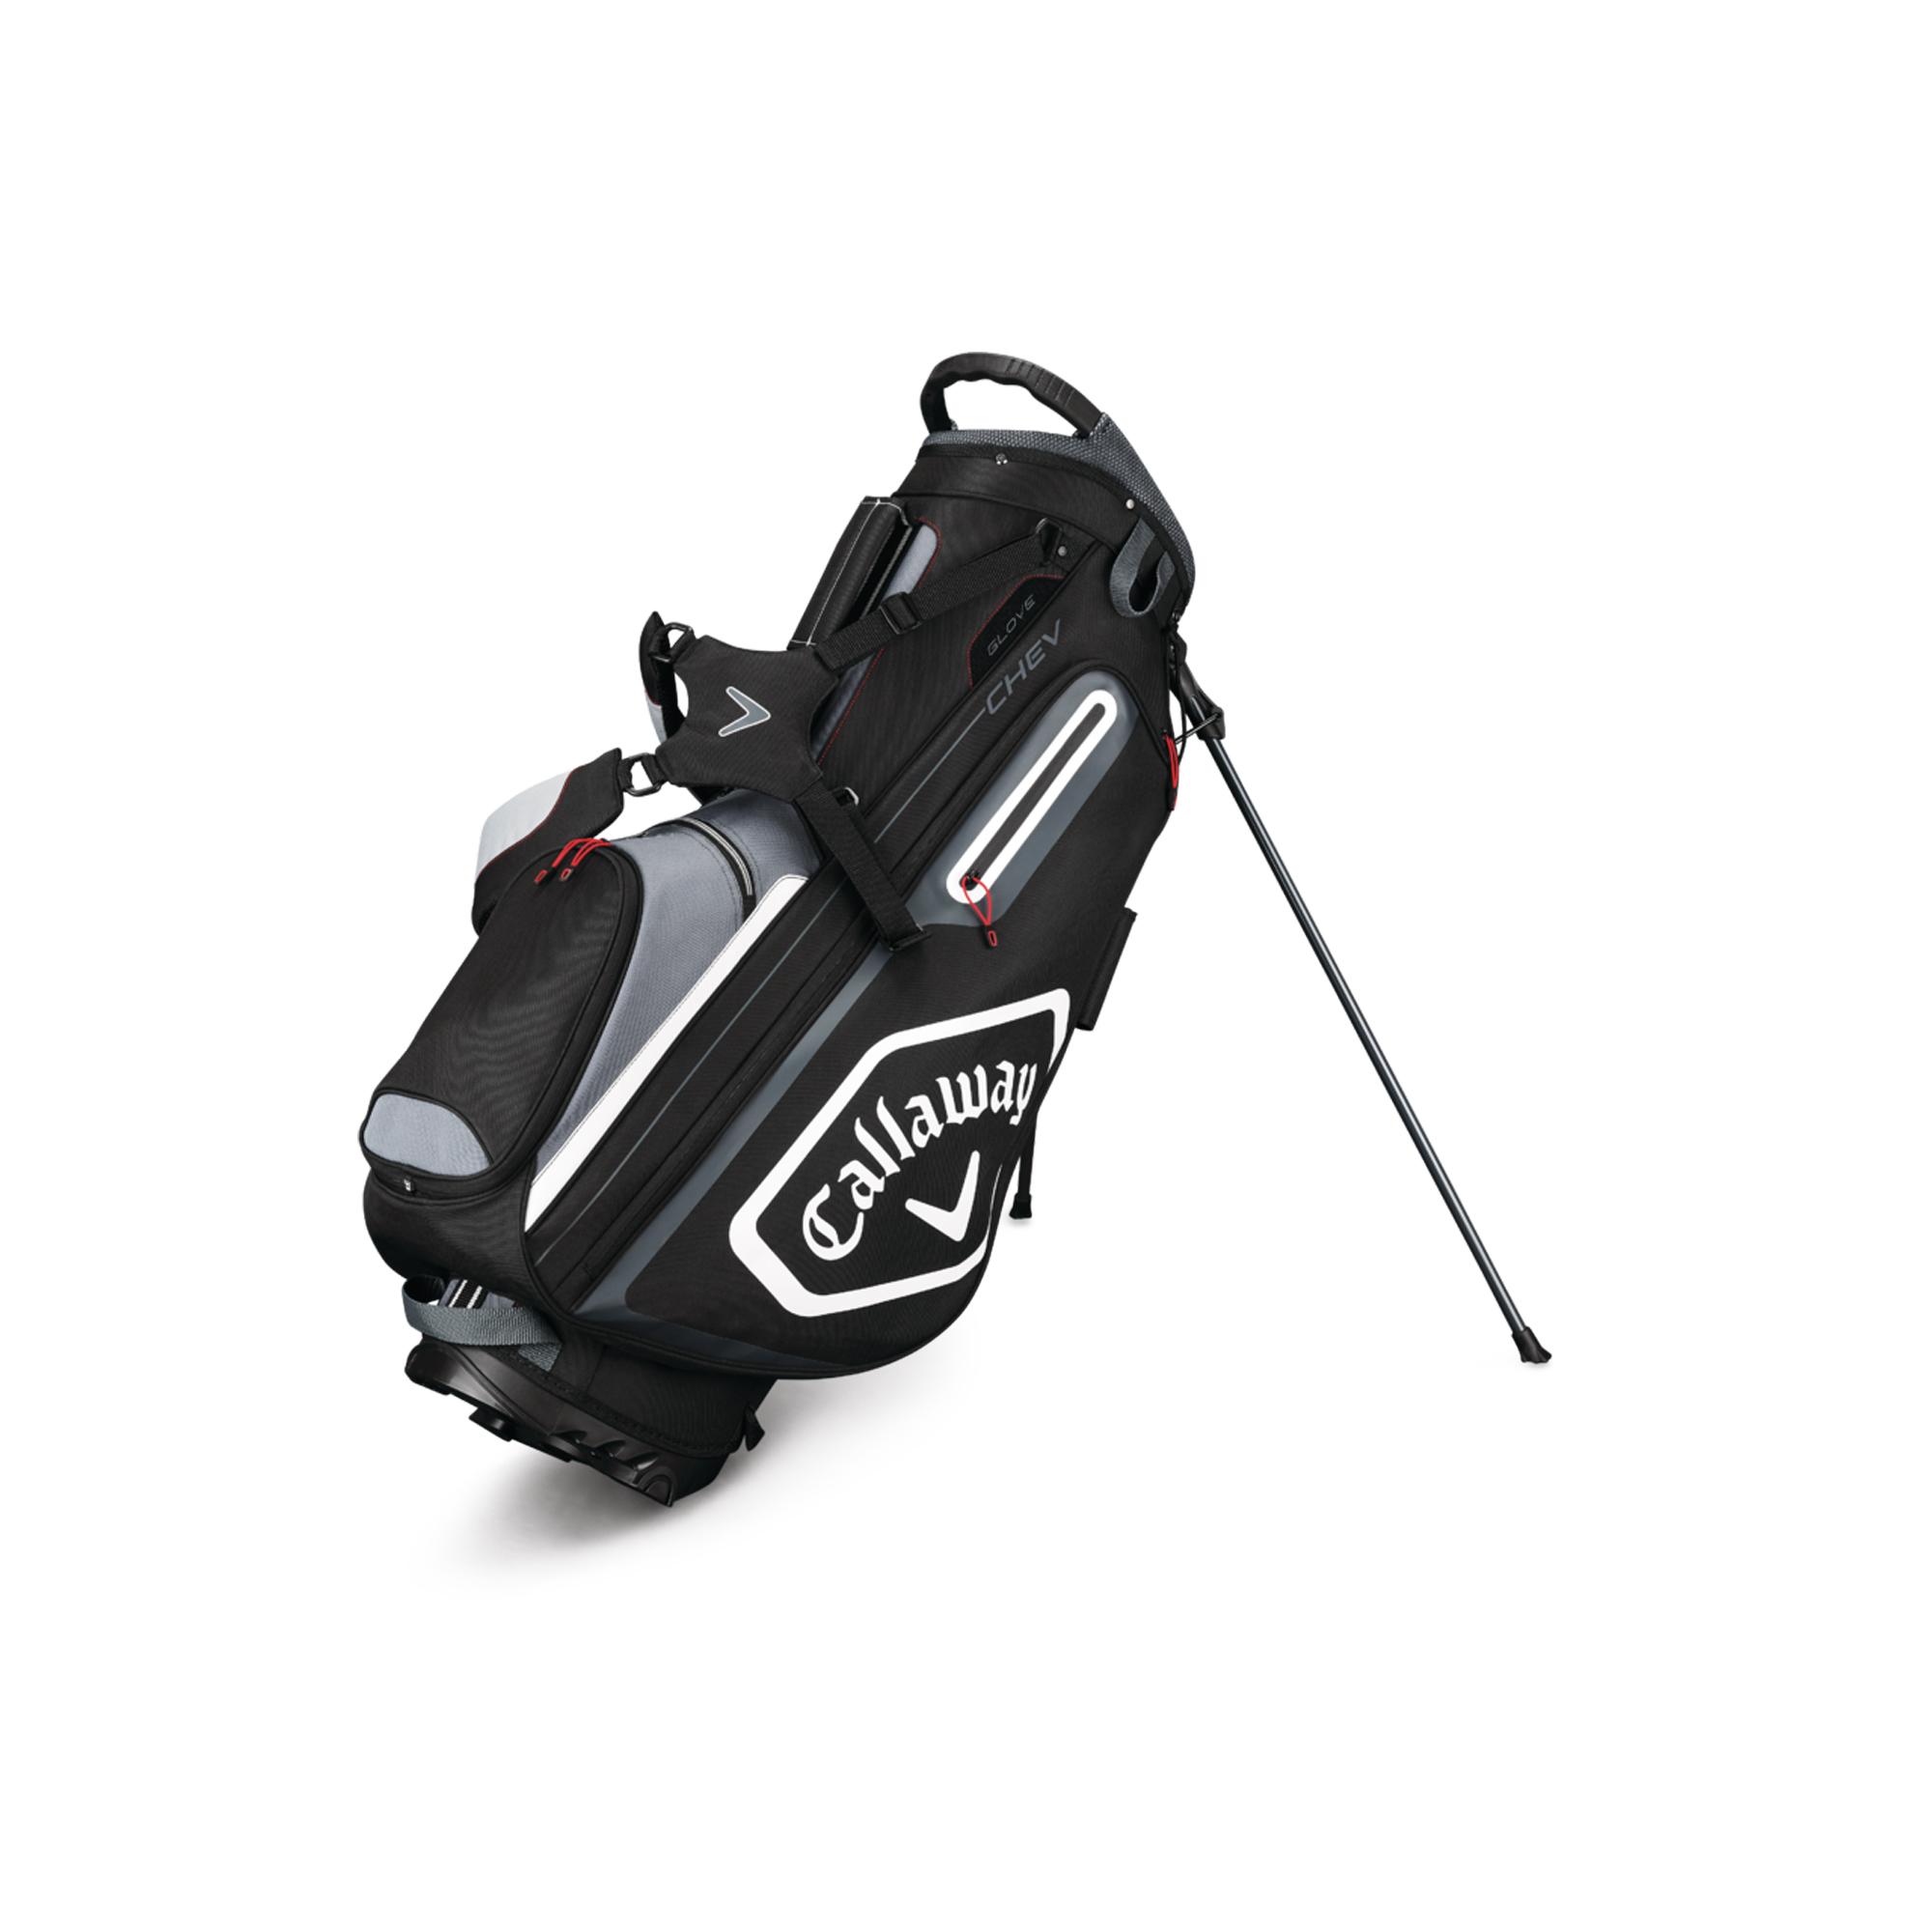 Callaway CHEV Golf Stand Bag Black/Titanium/Whte